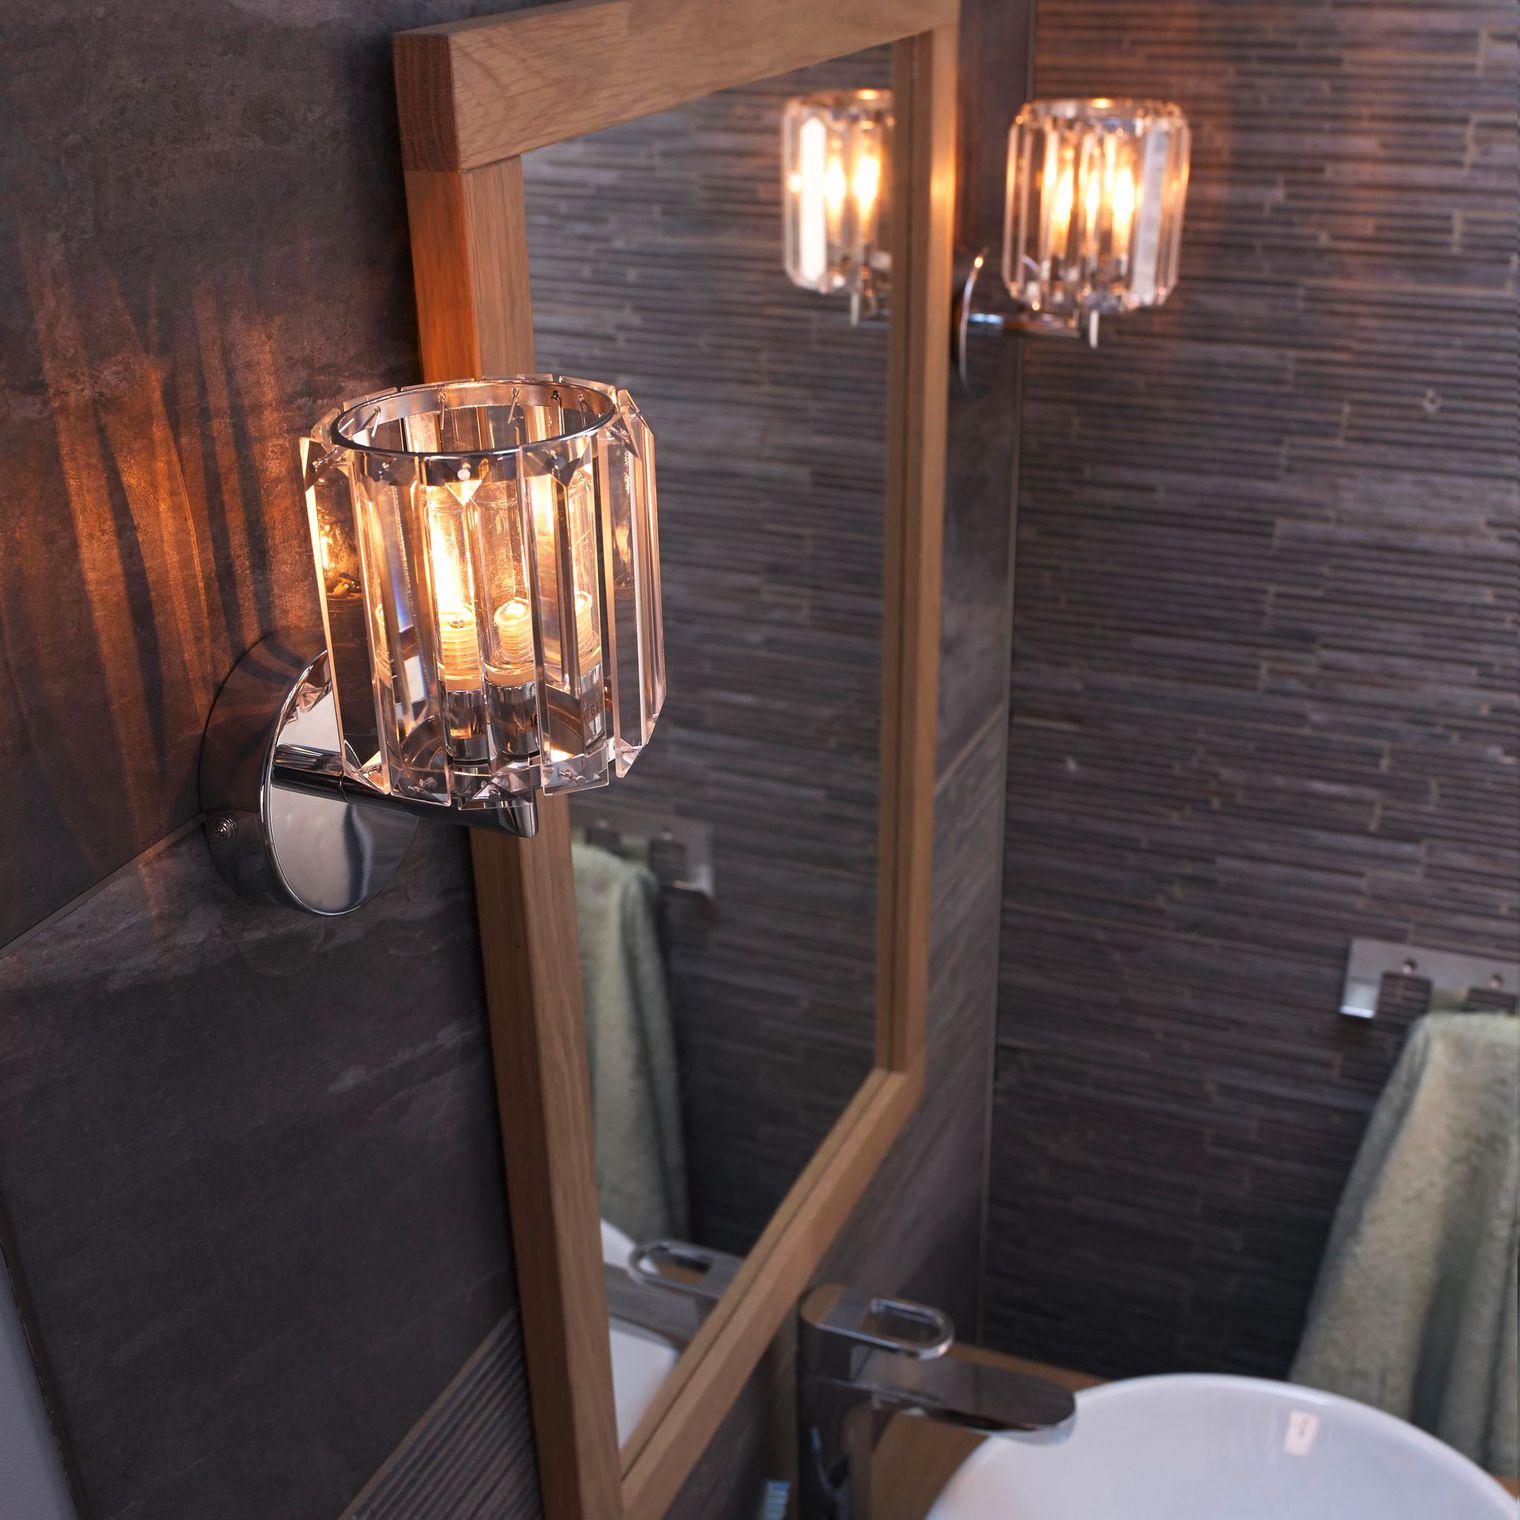 Armoire De toilette Miroir Castorama Frais Photographie Applique Salle De Bain Castorama Nouveau Applique Salle De Bain